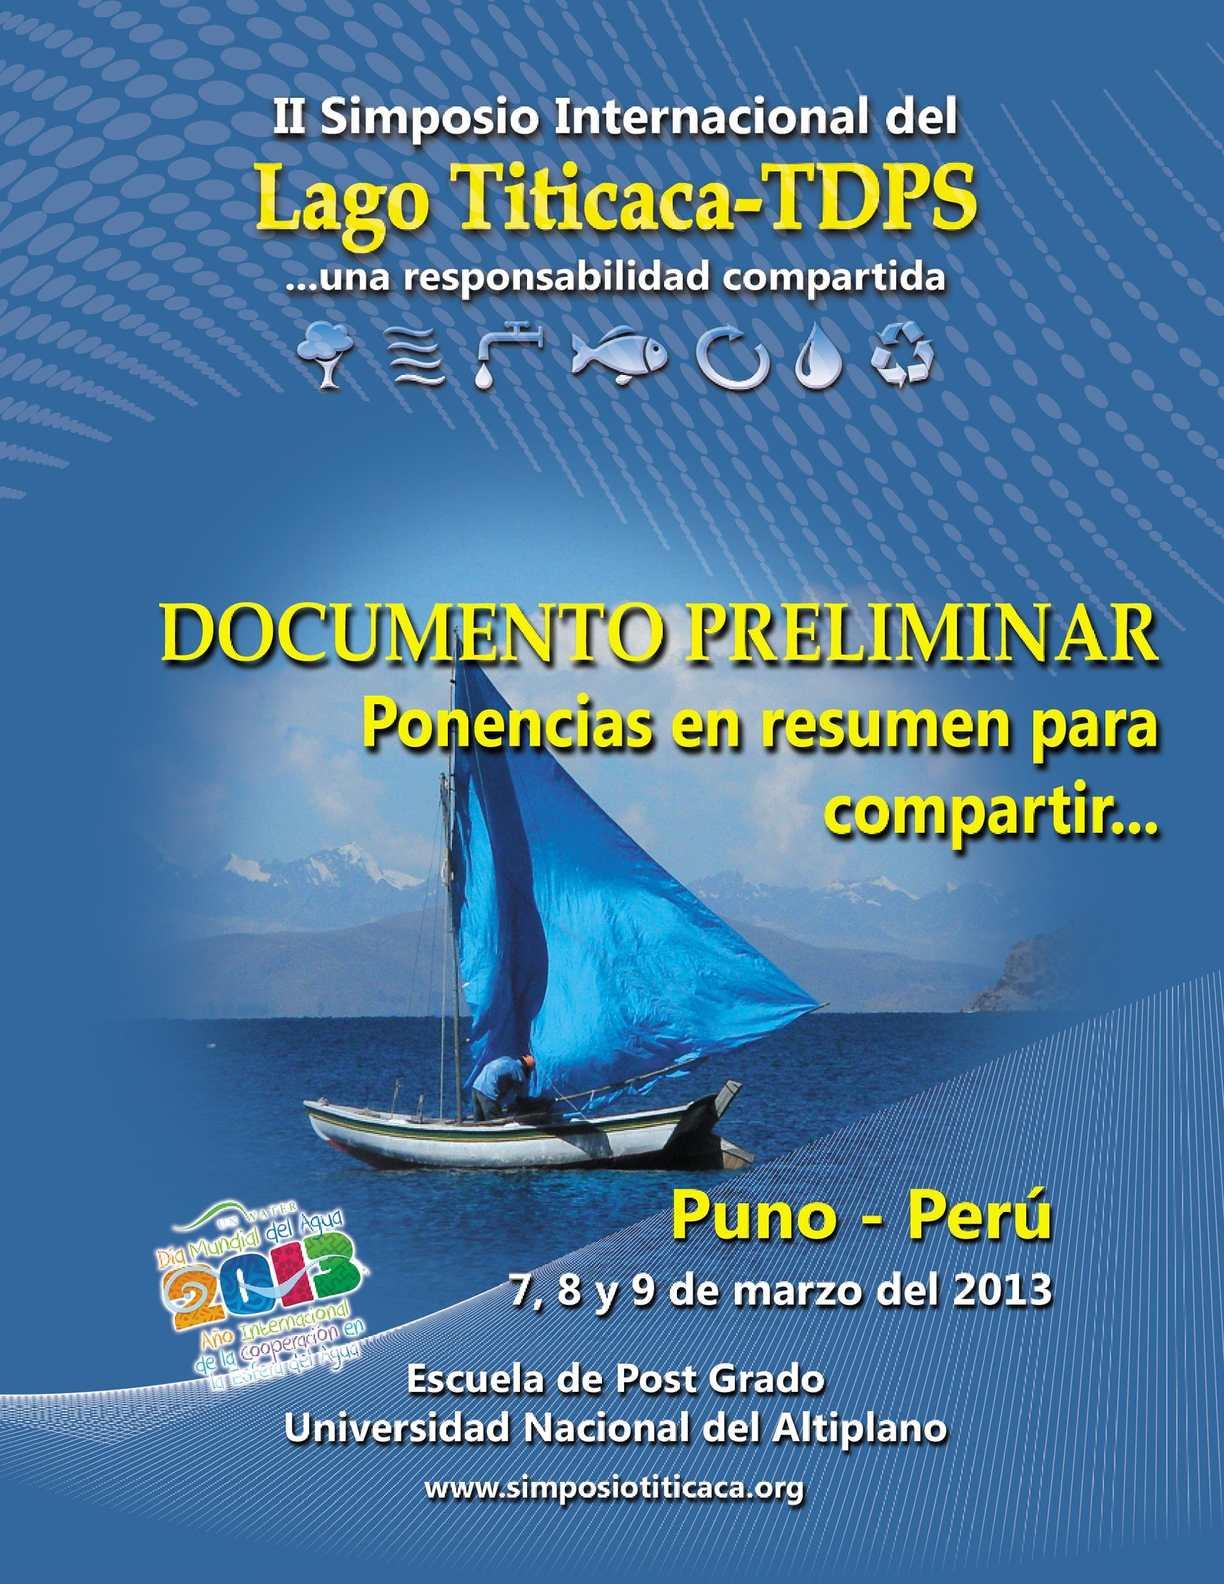 Resumen de Ponencias del II Simposio Internacional del Lago Titicaca - TDPS